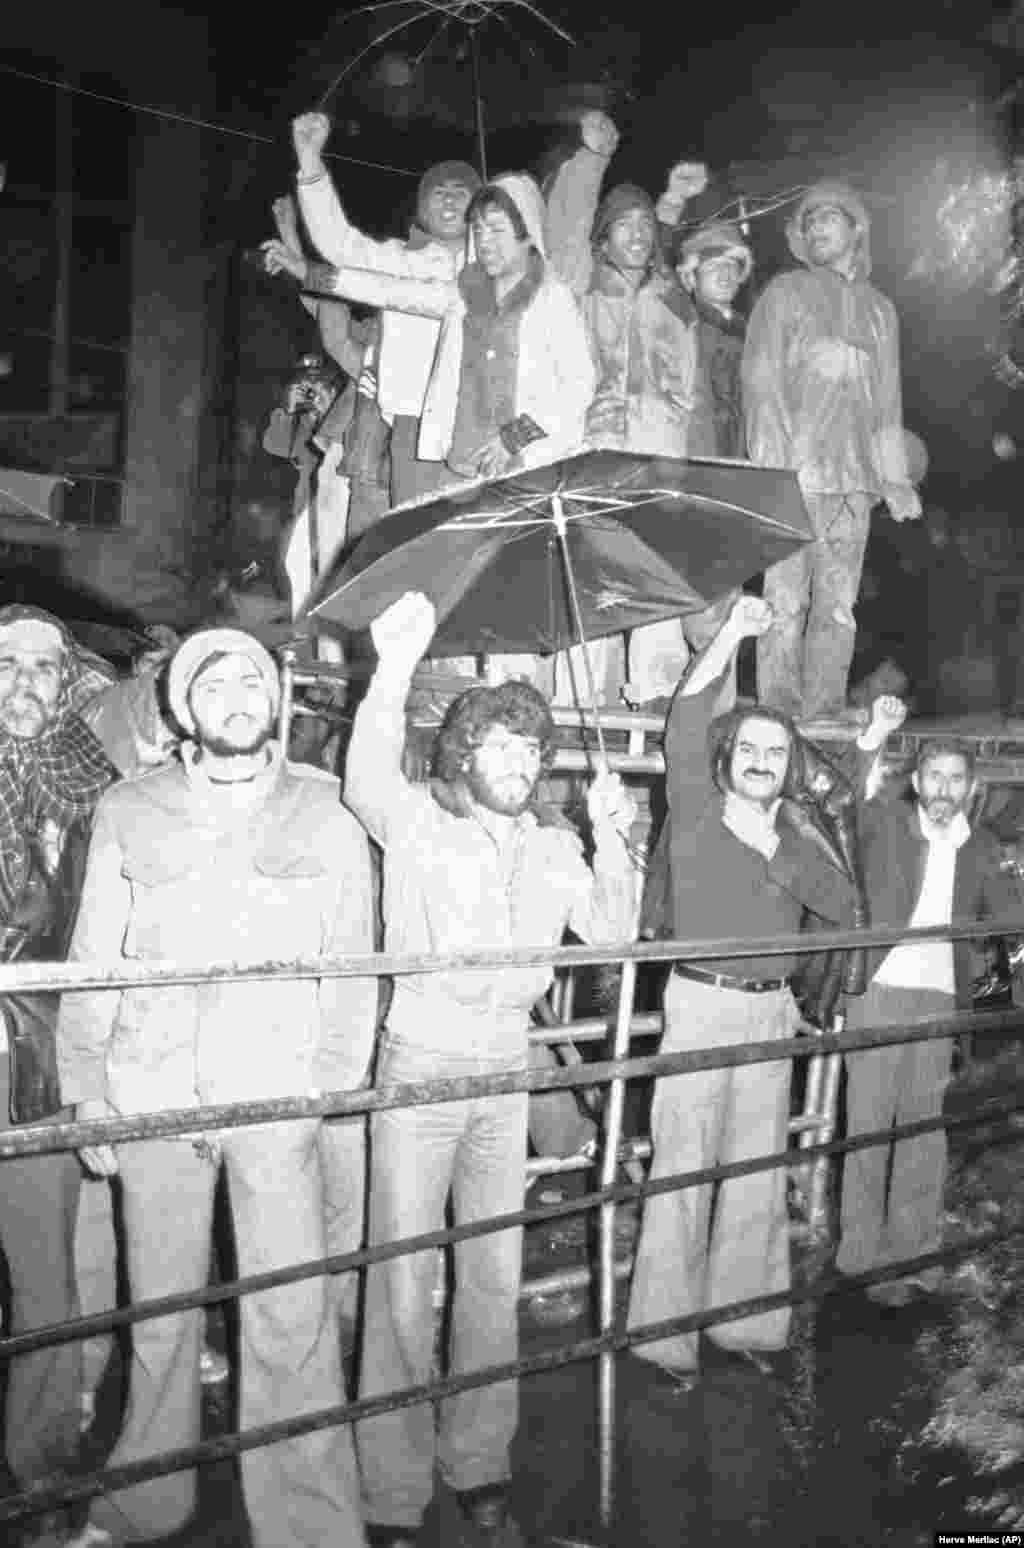 Иранцы стоят под ливнем, демонстрируя солидарность с захватившими заложниками студентами. 15 декабря 1979 года. В эти дни стало известно, что шах уехал в Панаму.